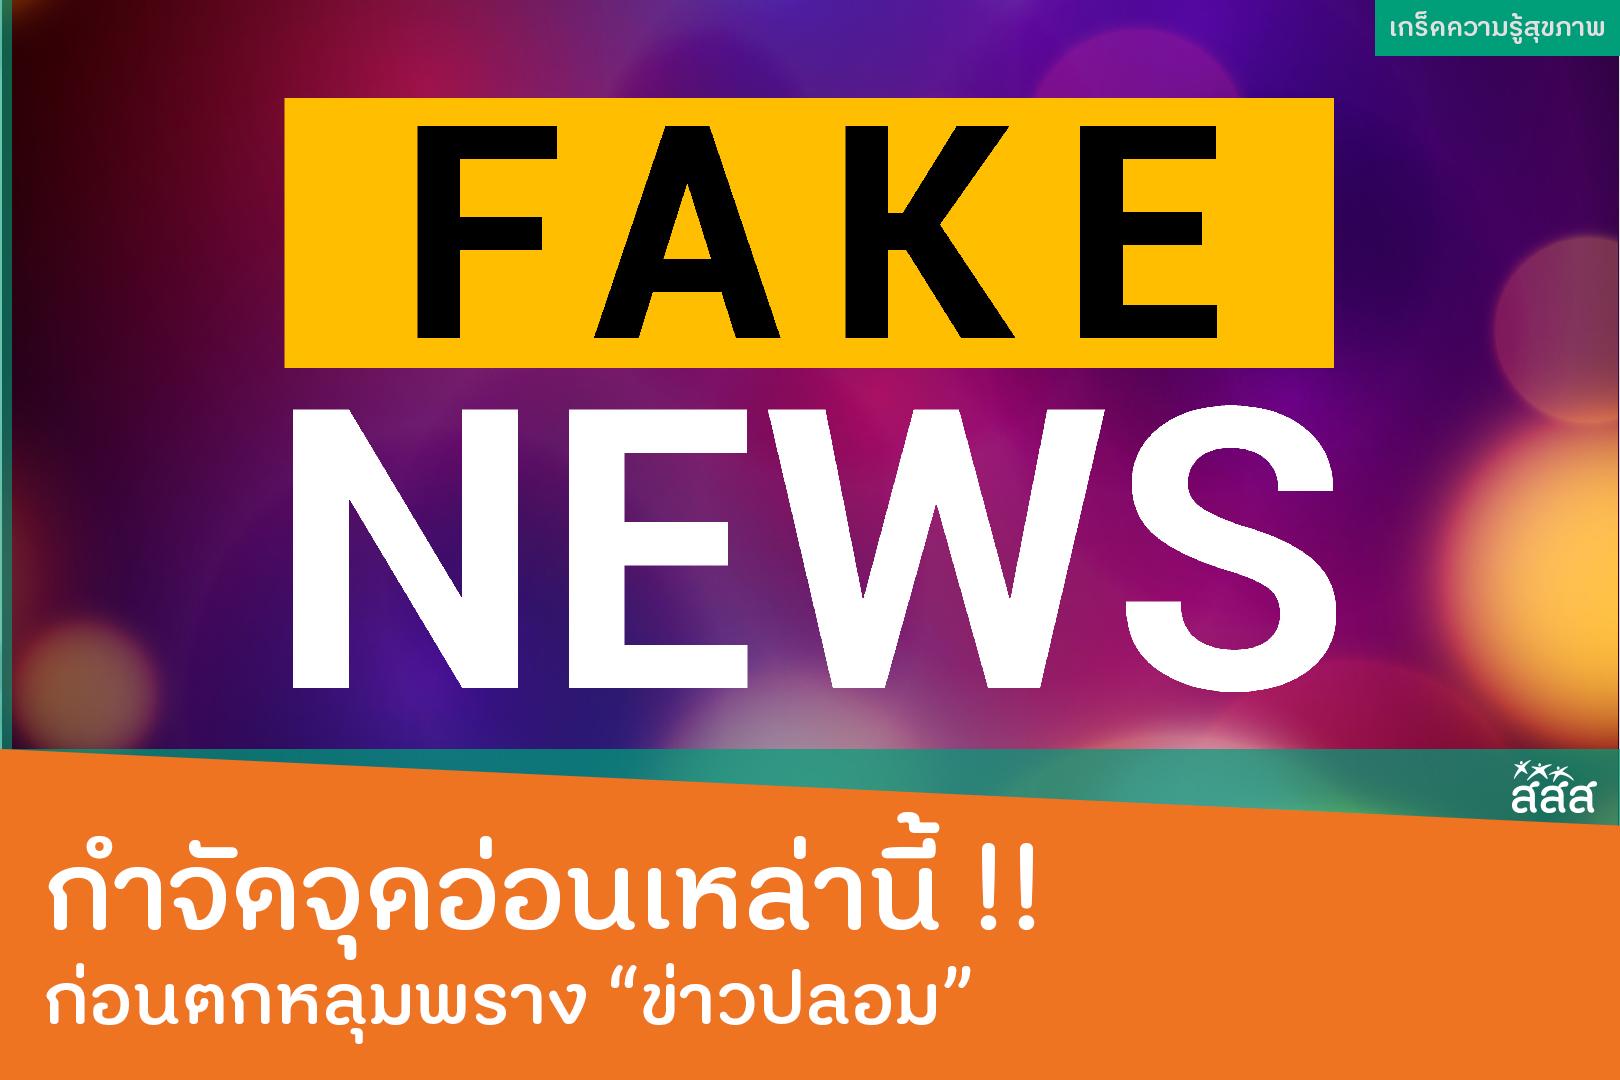 กำจัดจุดอ่อนเหล่านี้!! ก่อนตกหลุมพรางข่าวปลอม thaihealth